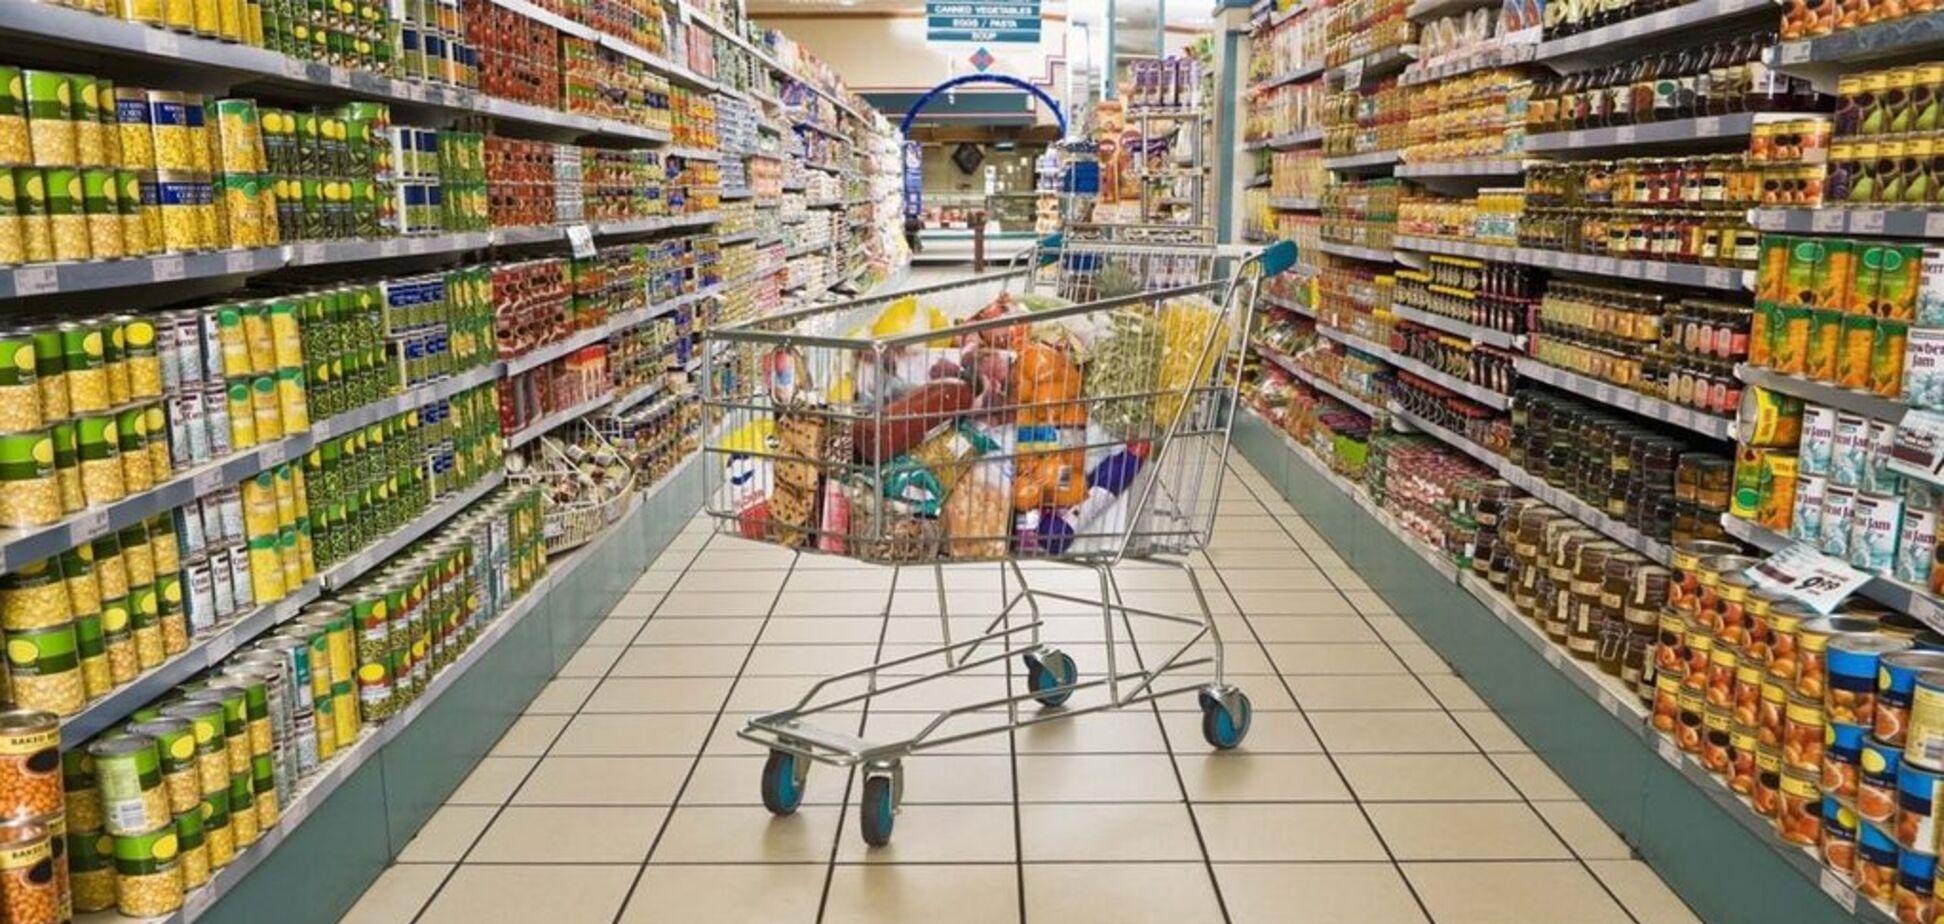 Працівники продуктових магазинів розкрили похмурі секрети і жахнули всіх